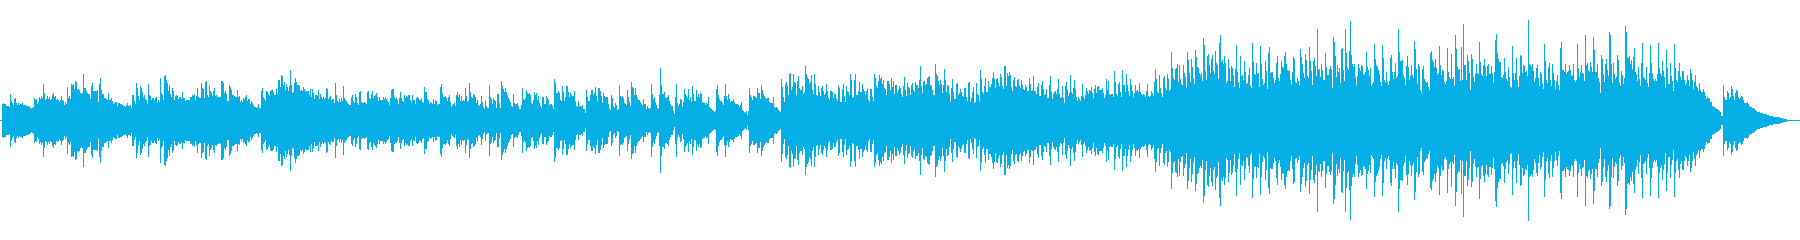 優しさ溢れるスローテンポのアコギバラードの再生済みの波形